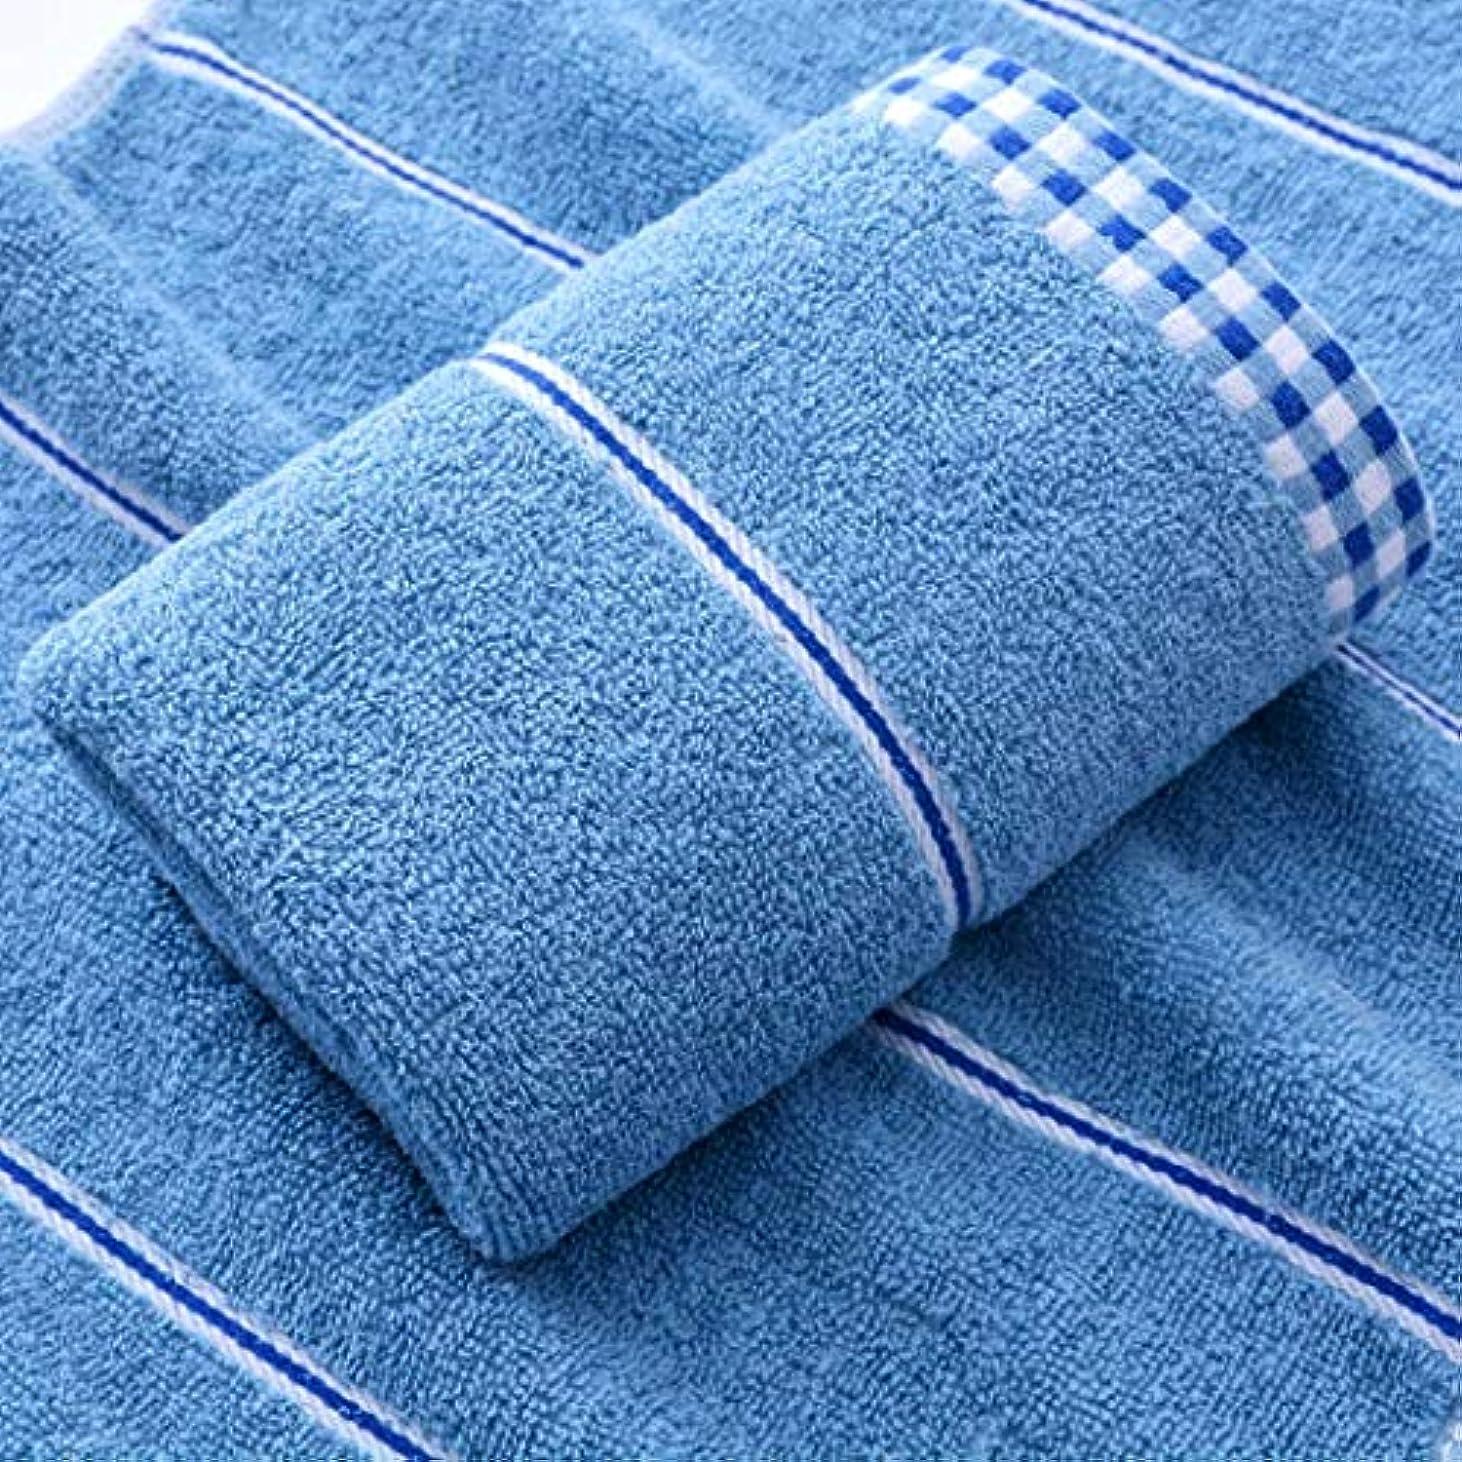 大量クレタ狂信者ファッション高級スーパーソフトコットンタオルと速乾性タオル,Blue,33*73cm